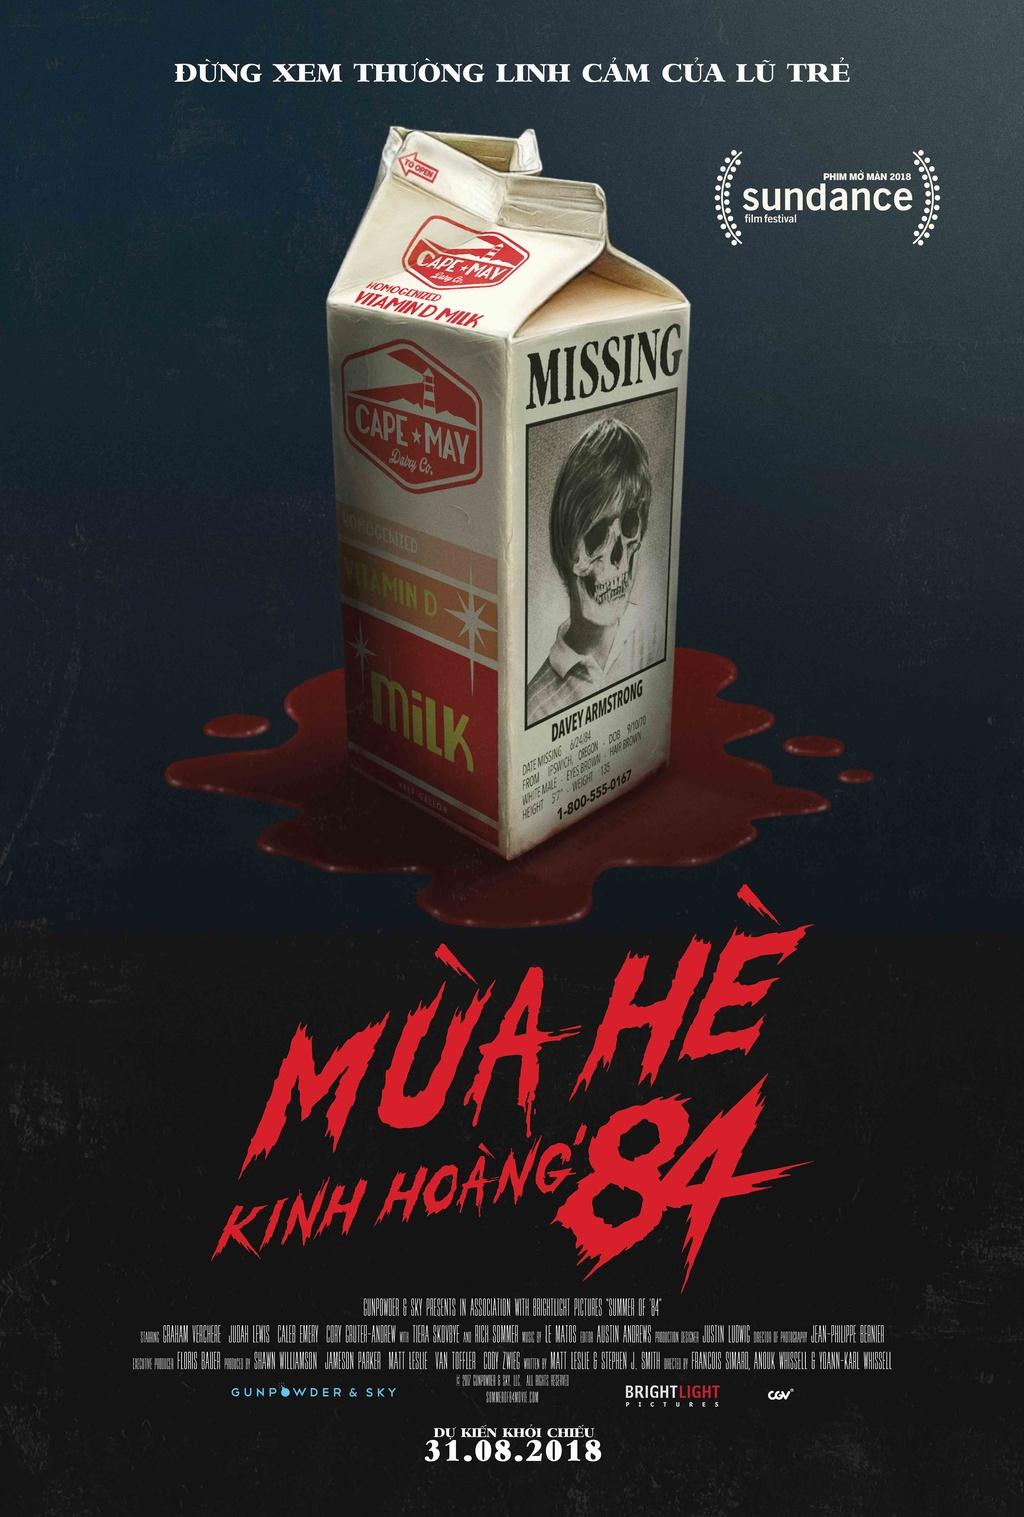 Mùa Hè Kinh Hoàng '84